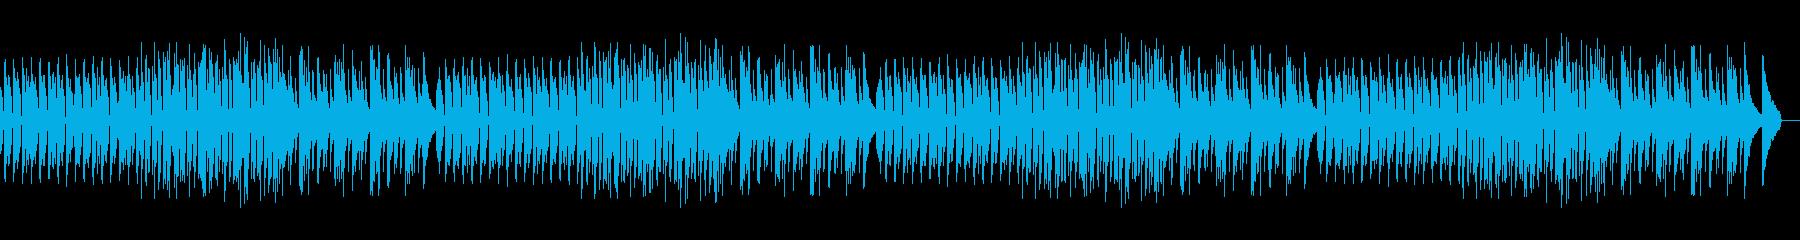 楽しくてワクワクするピアノソロの再生済みの波形